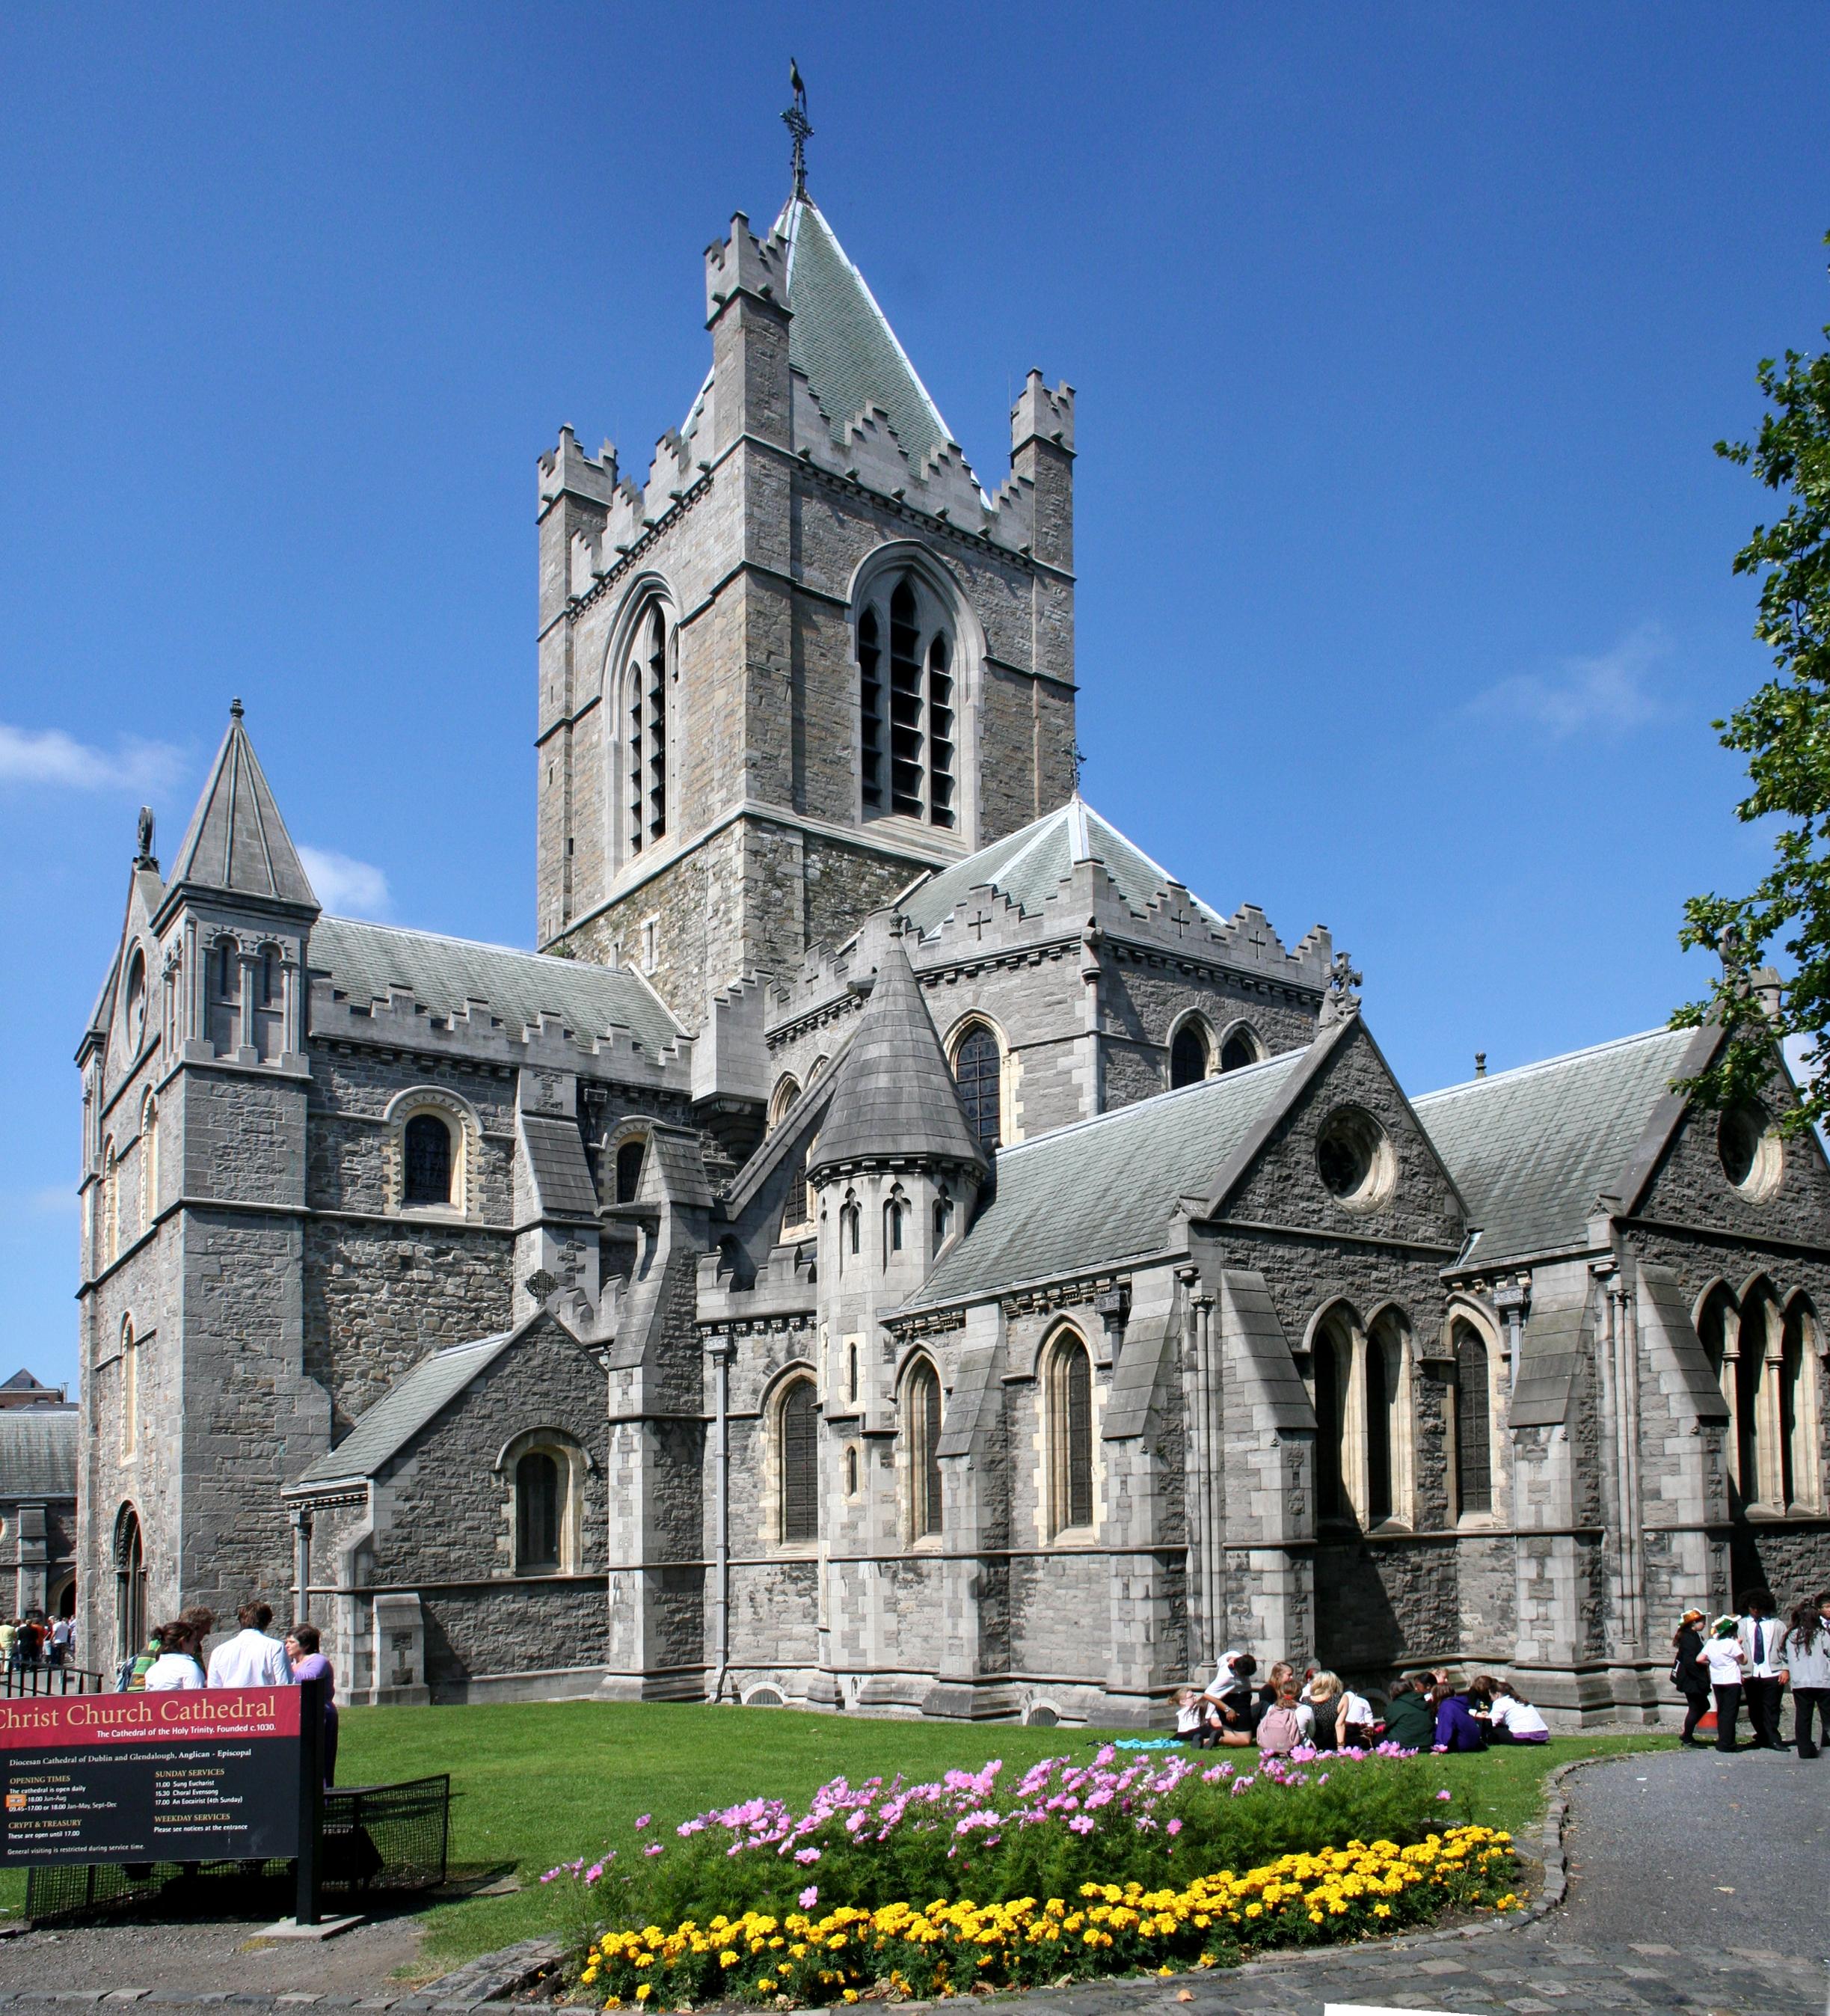 Charming Christian Churches In Nj #1: Christ_Church_Cathedral_(Dublin).jpg